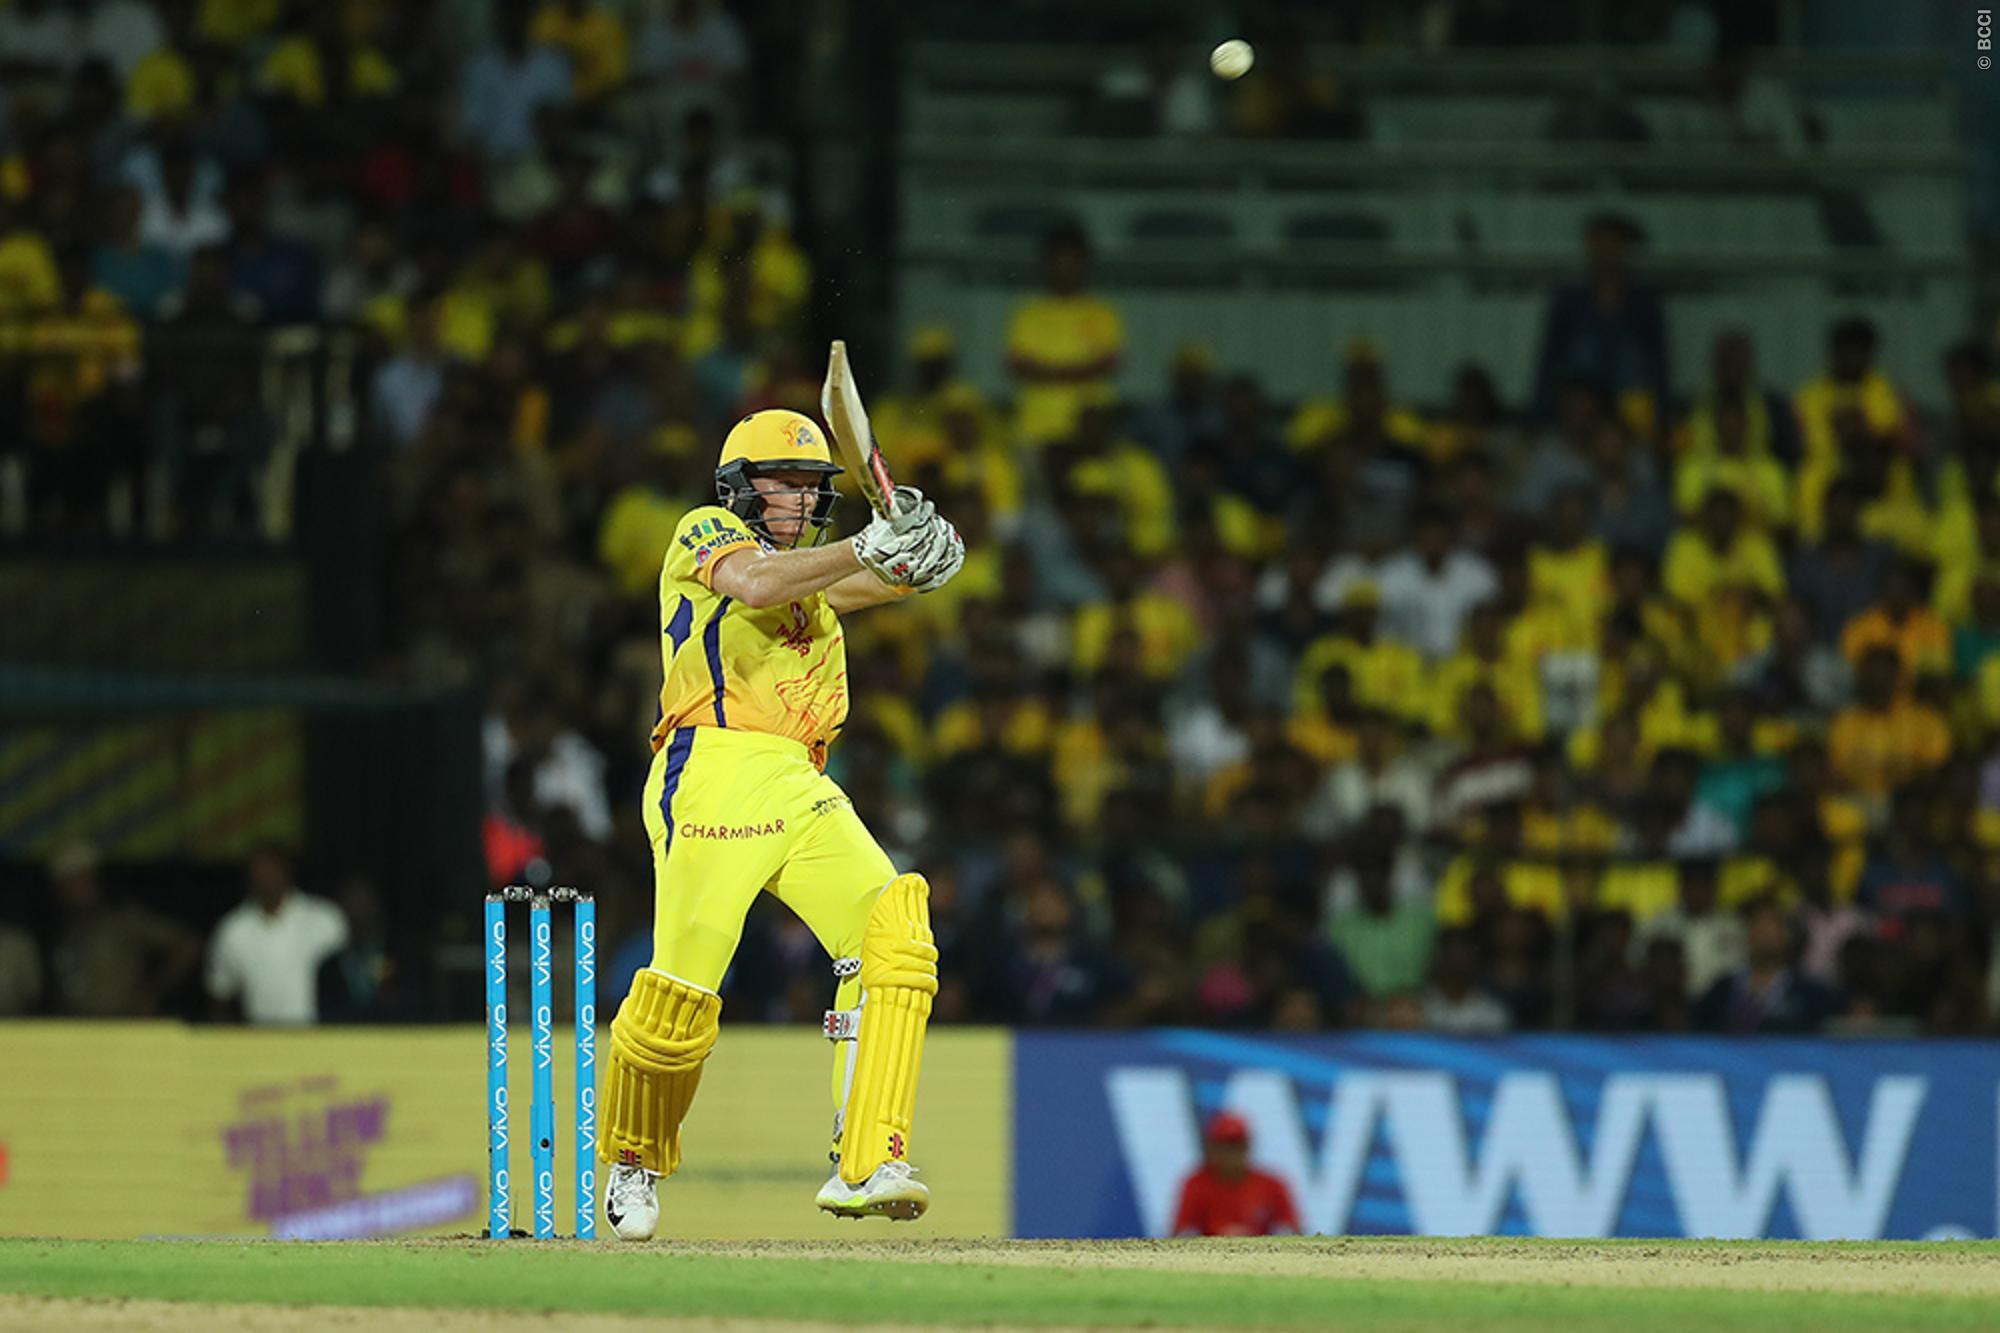 'मैन ऑफ़ द मैच' लेते हुए सैम बिलिंग्स ने धोनी को नजरअंदाज करते हुए चेन्नई सुपर किंग्स के इस दिग्गज को दिया इस तूफानी पारी का श्रेय 17